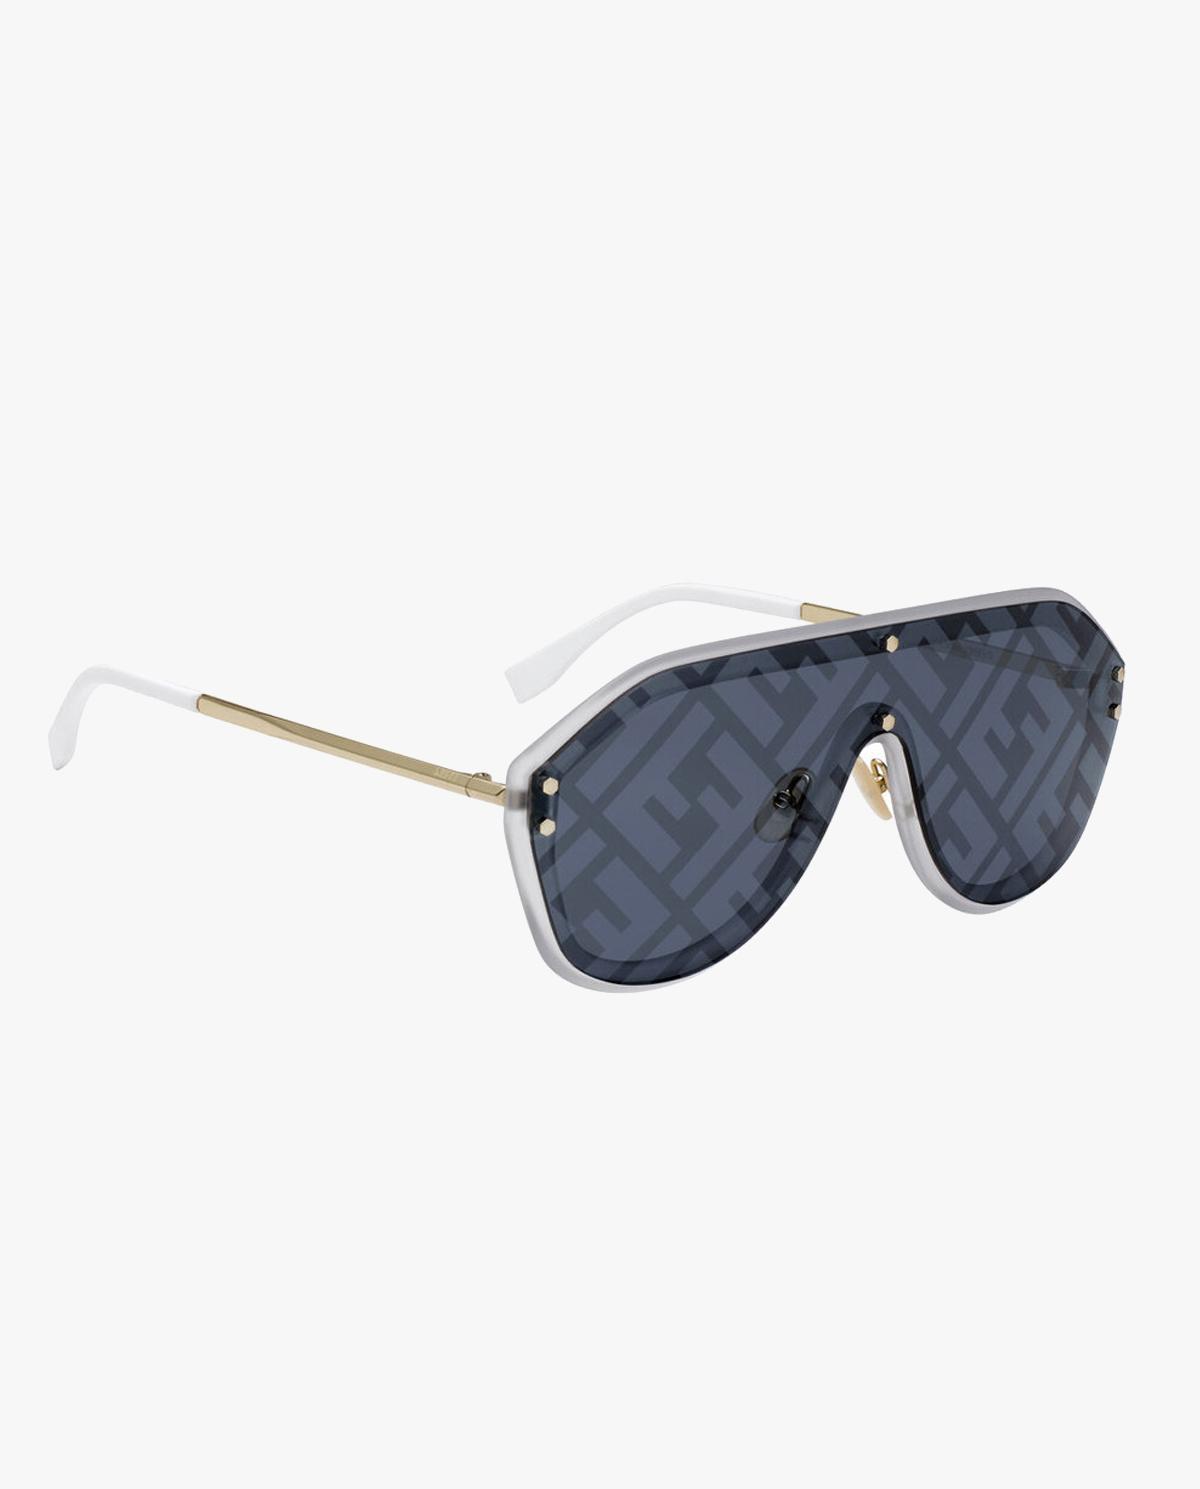 Okulary przeciwsłoneczne z logo Fendi FF/S M0039/G 83I 99-7R